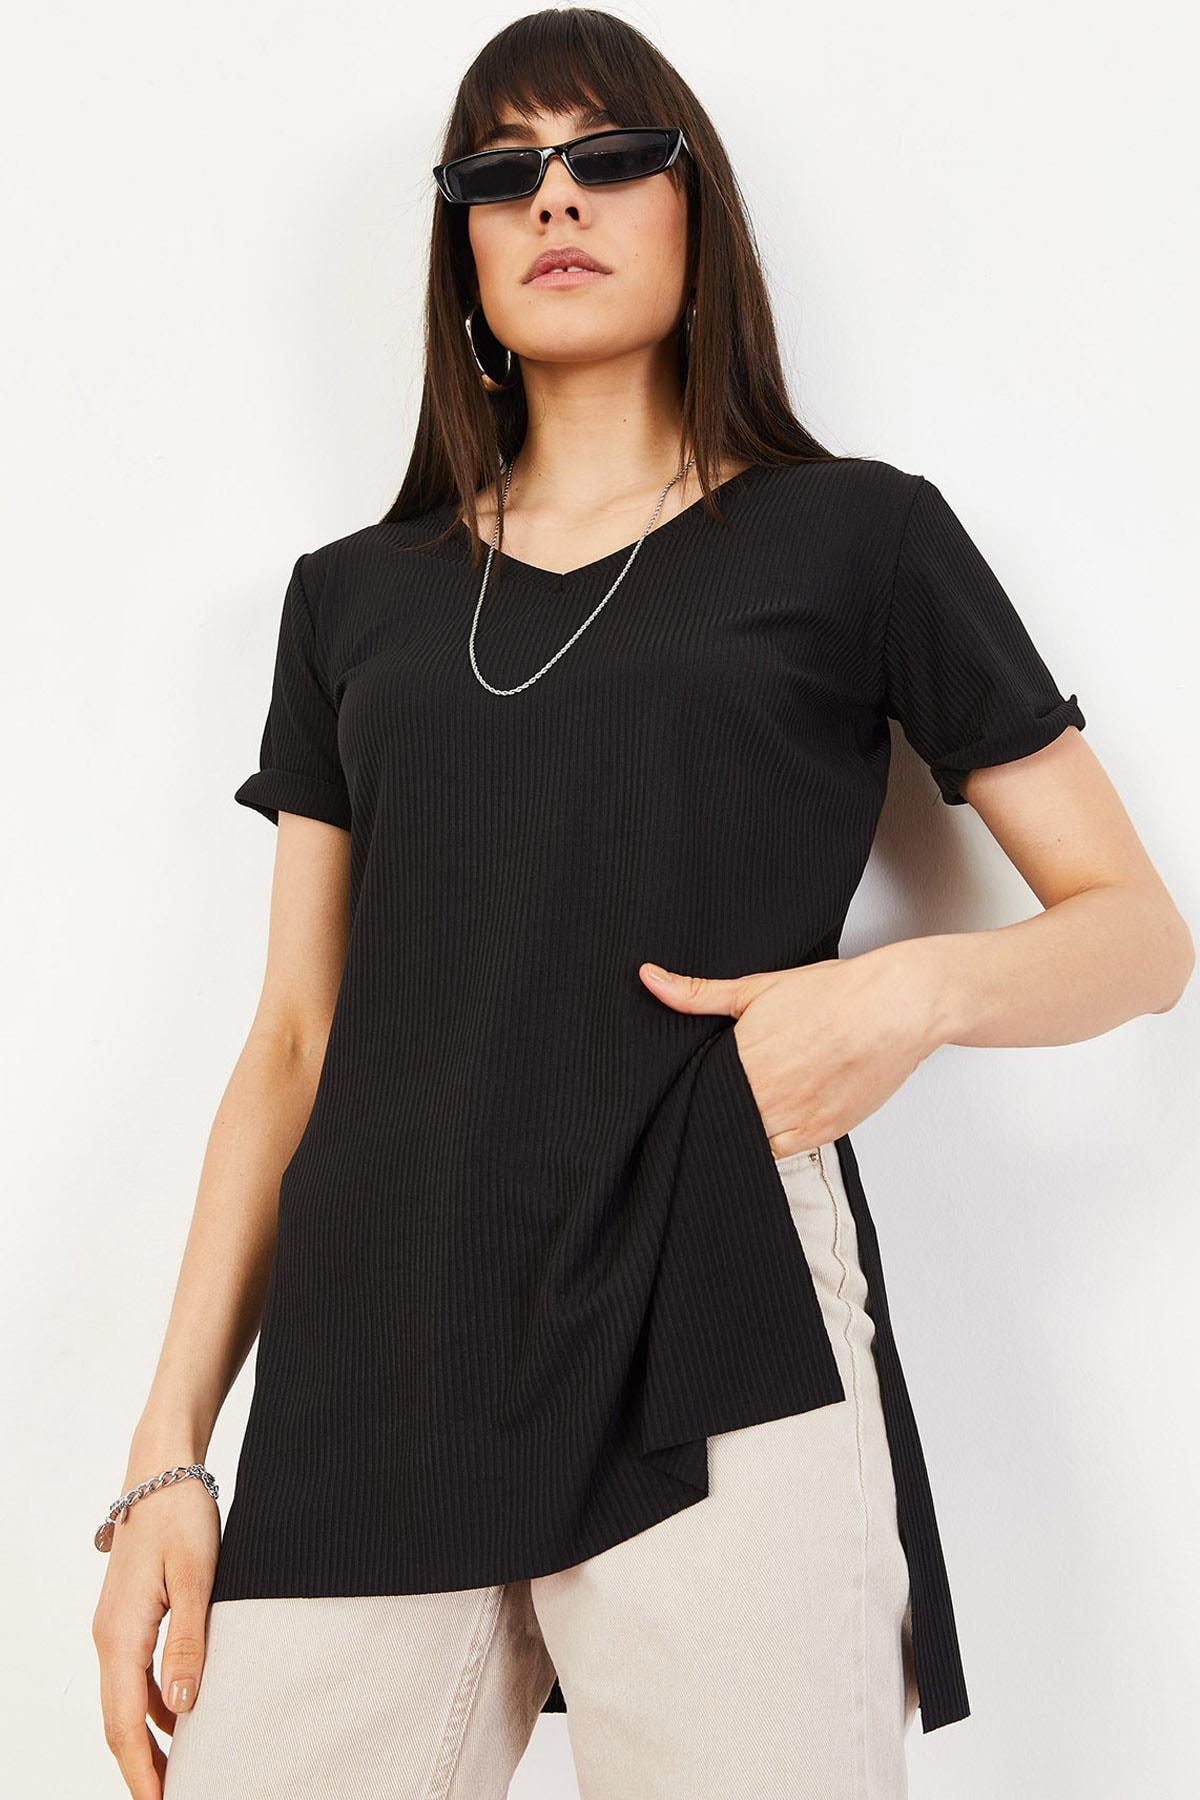 Bianco Lucci Kadın Siyah Kol Yan Yırtmaçlı Kol Detay Kaşkorse T-Shirt 10051012 0